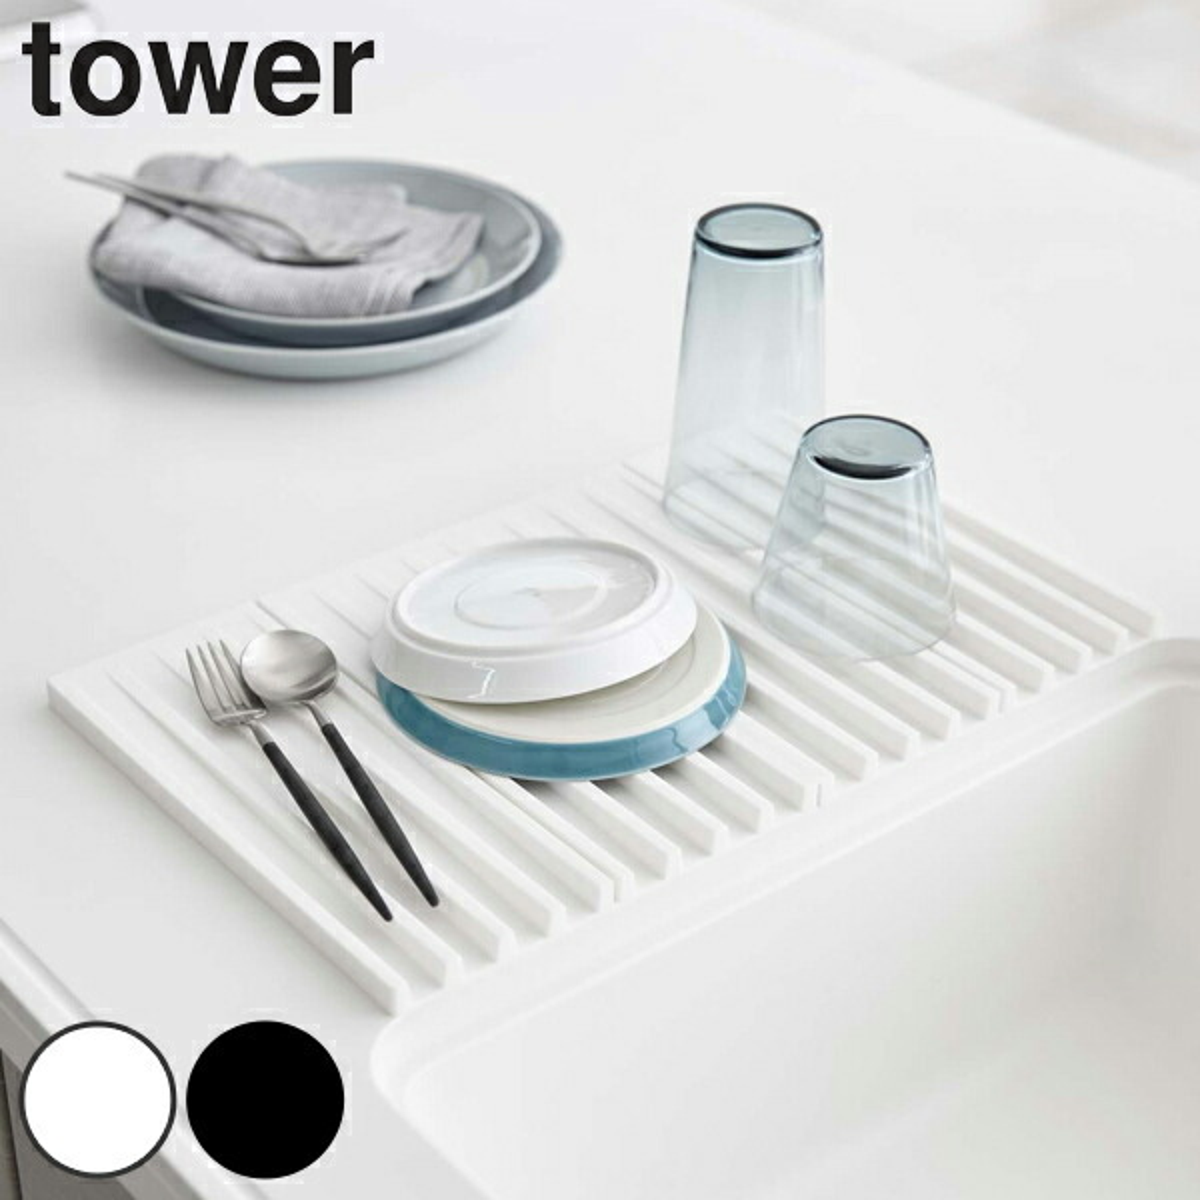 水切りマット 折り畳み水切りトレー タワー tower シリコン製 ( 水切りトレイ 水切りトレー シンクマット )